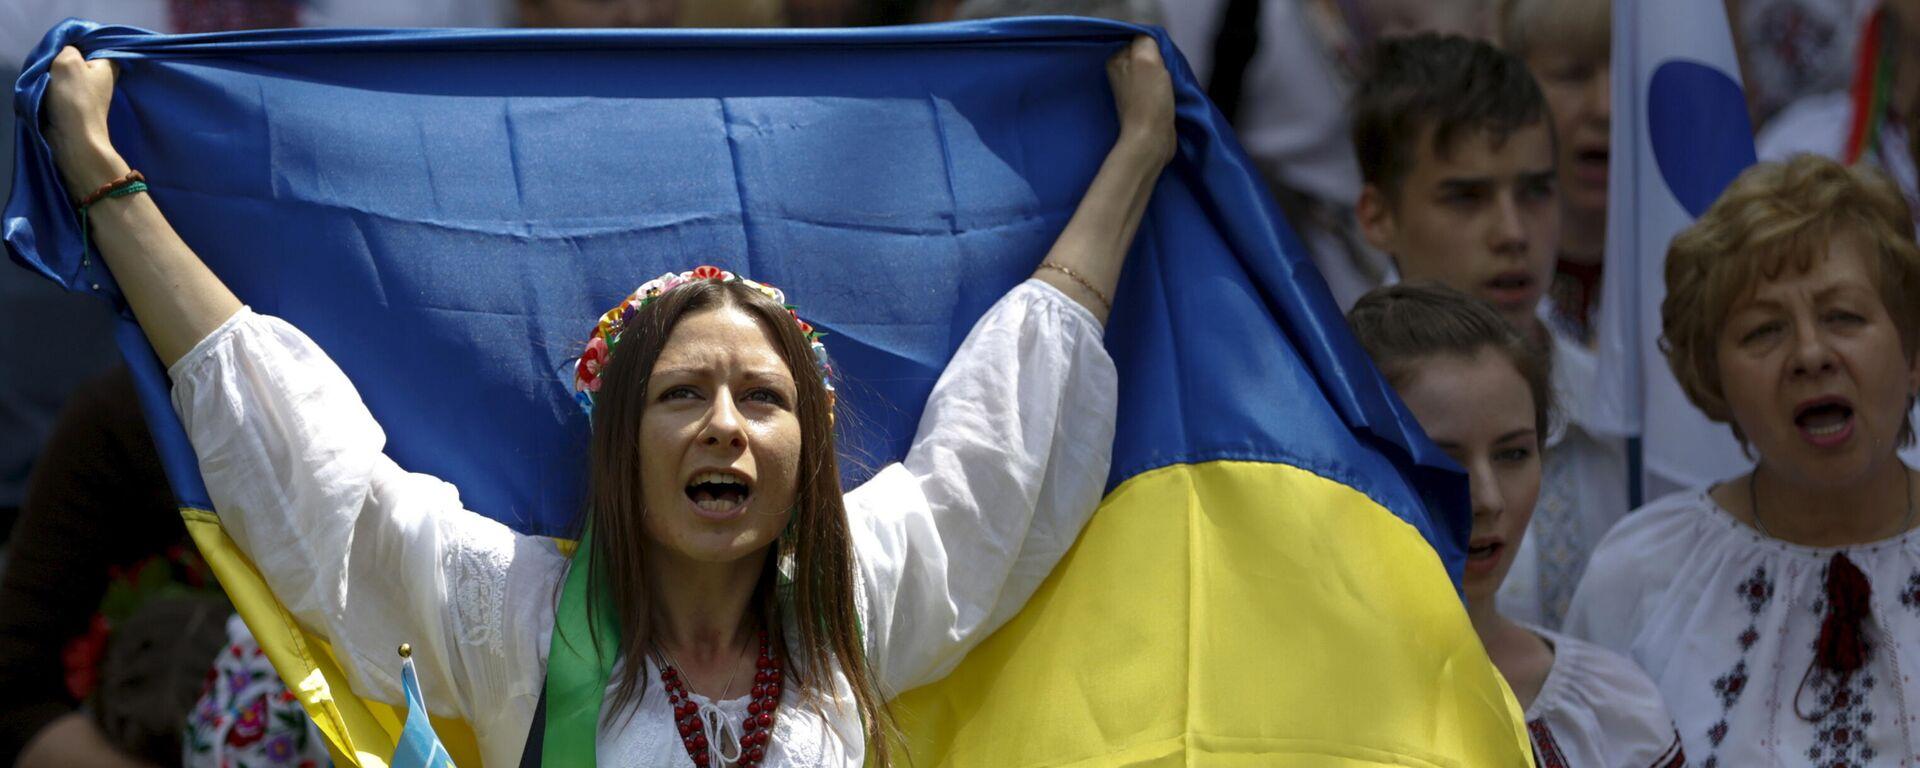 Женщина в вышиванке с украинским флагом на марше в Киеве, Украина - Sputnik Узбекистан, 1920, 23.08.2021